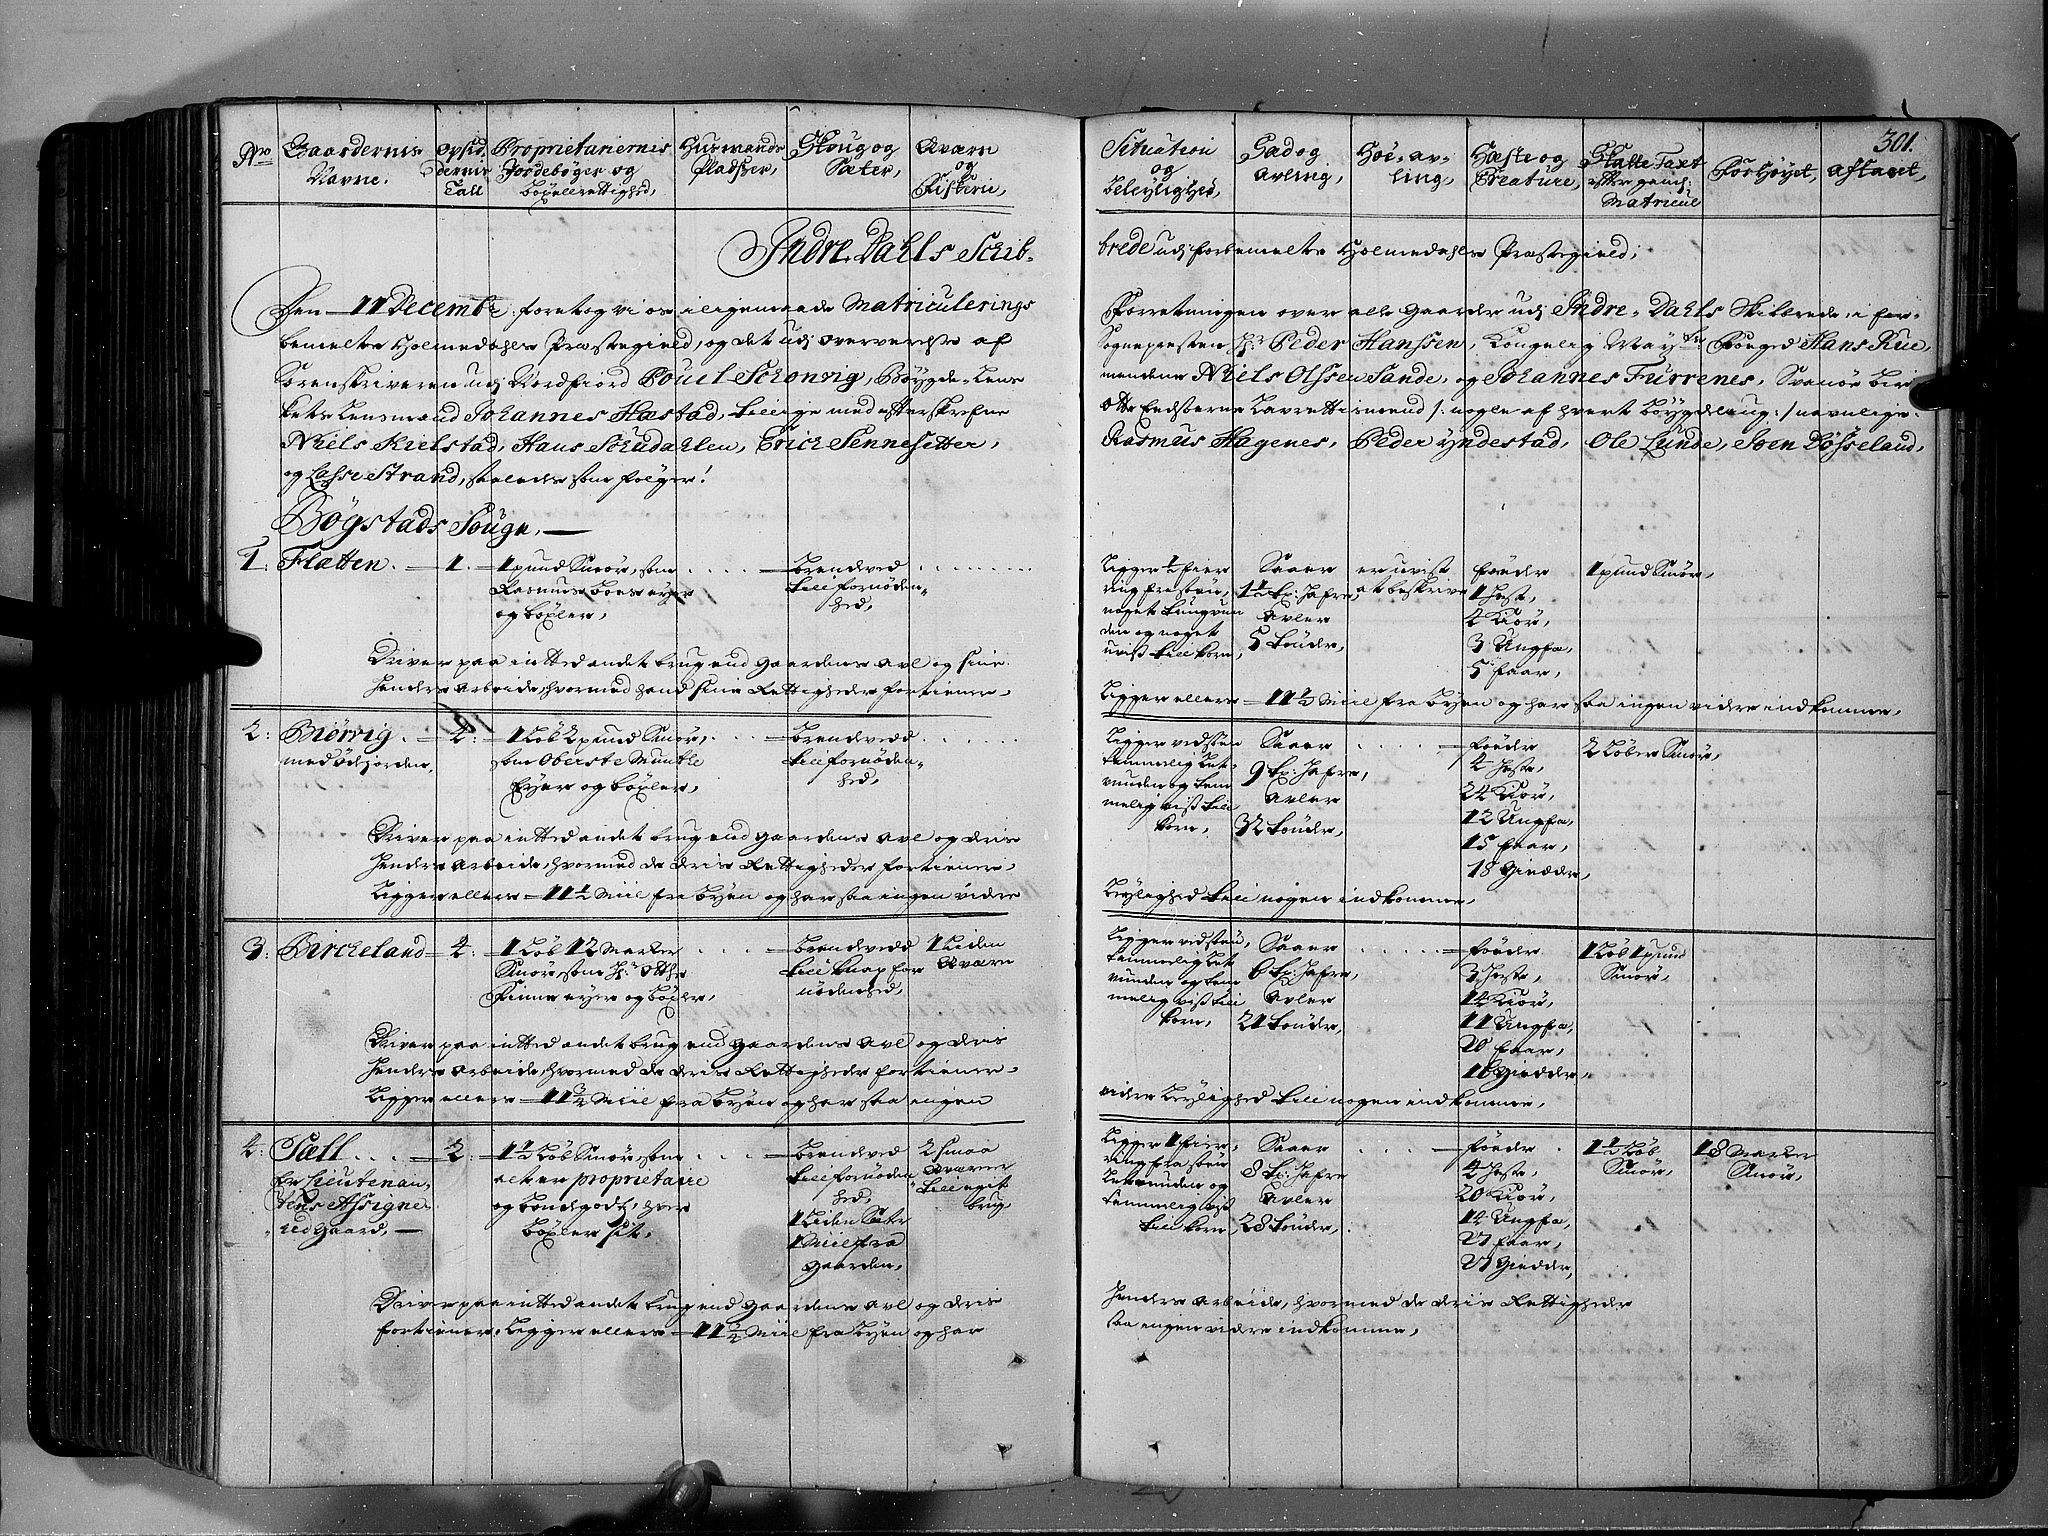 RA, Rentekammeret inntil 1814, Realistisk ordnet avdeling, N/Nb/Nbf/L0146: Sunnfjord og Nordfjord eksaminasjonsprotokoll, 1723, s. 300b-301a